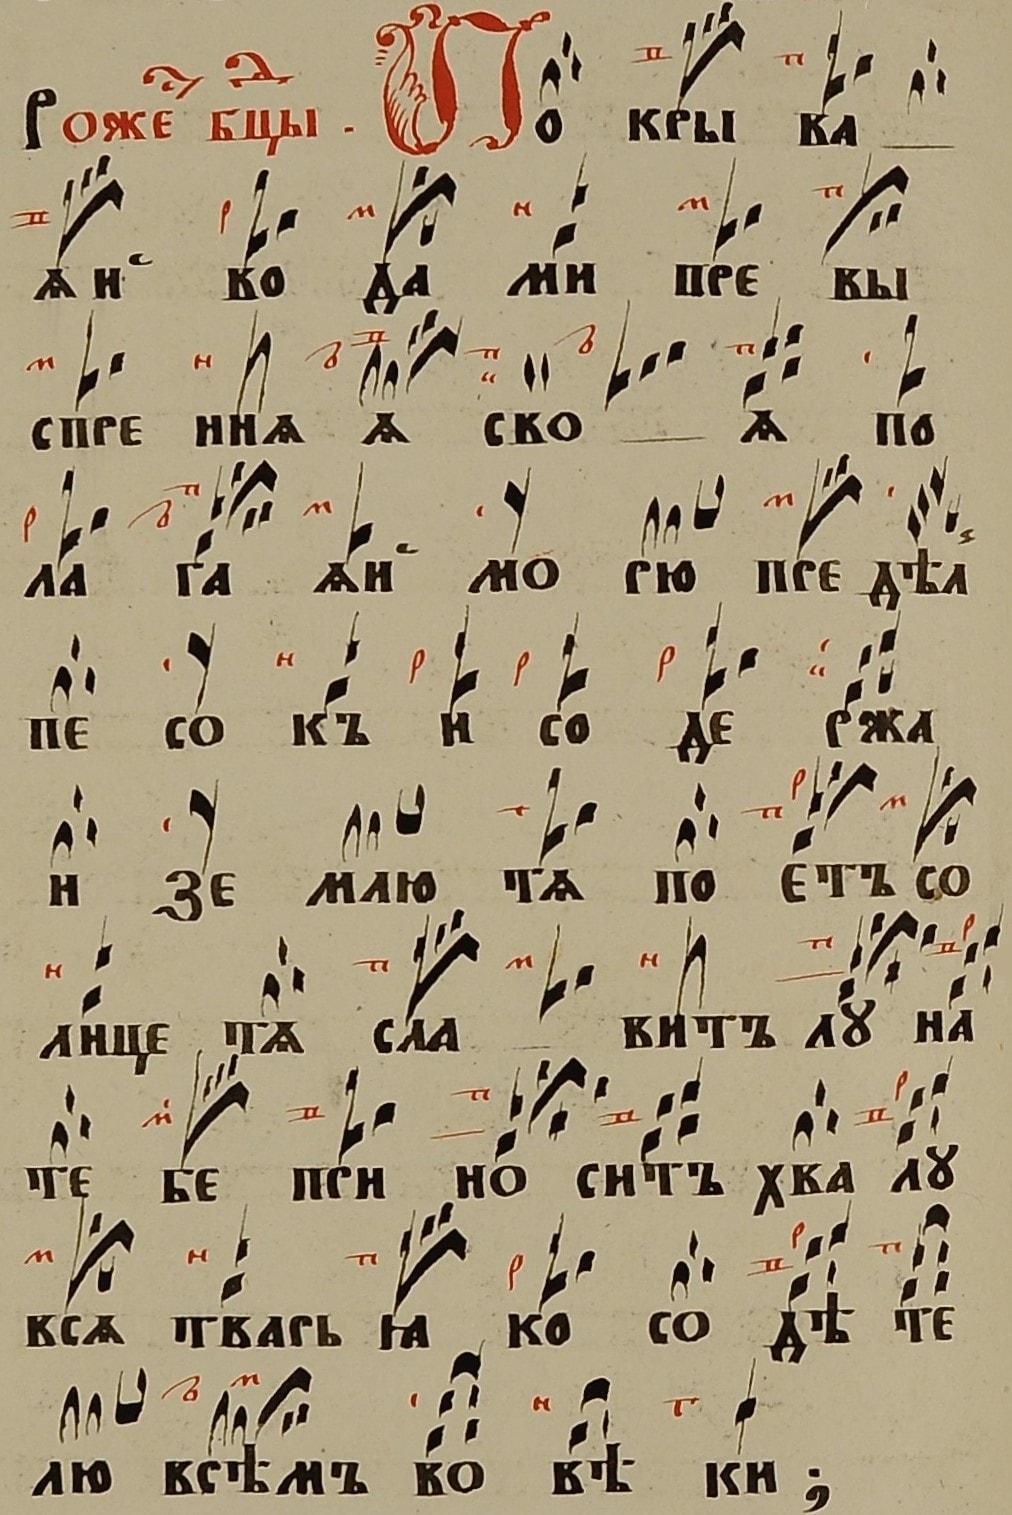 rozhestvo-bogorodicy-vtorojj-tvorec-kir-andrejj-irmos-8-pesni-8-glas-3-min